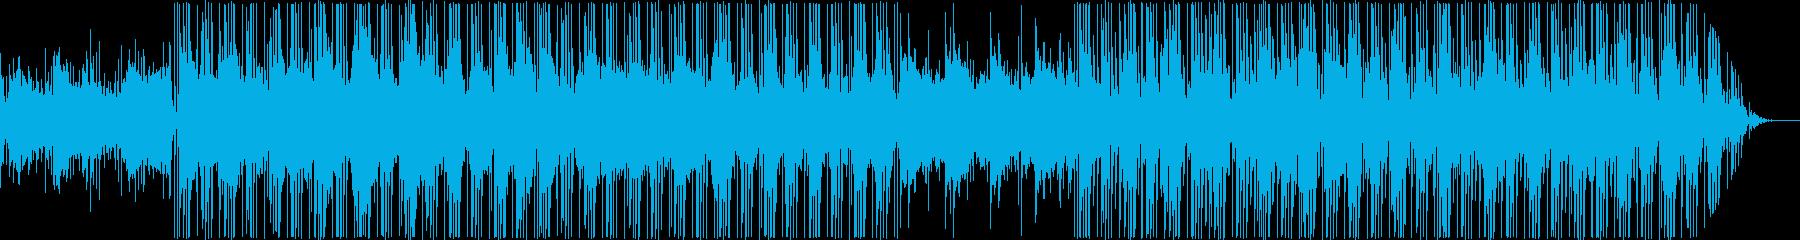 生演奏のスタイリッシュなヒップホップの再生済みの波形